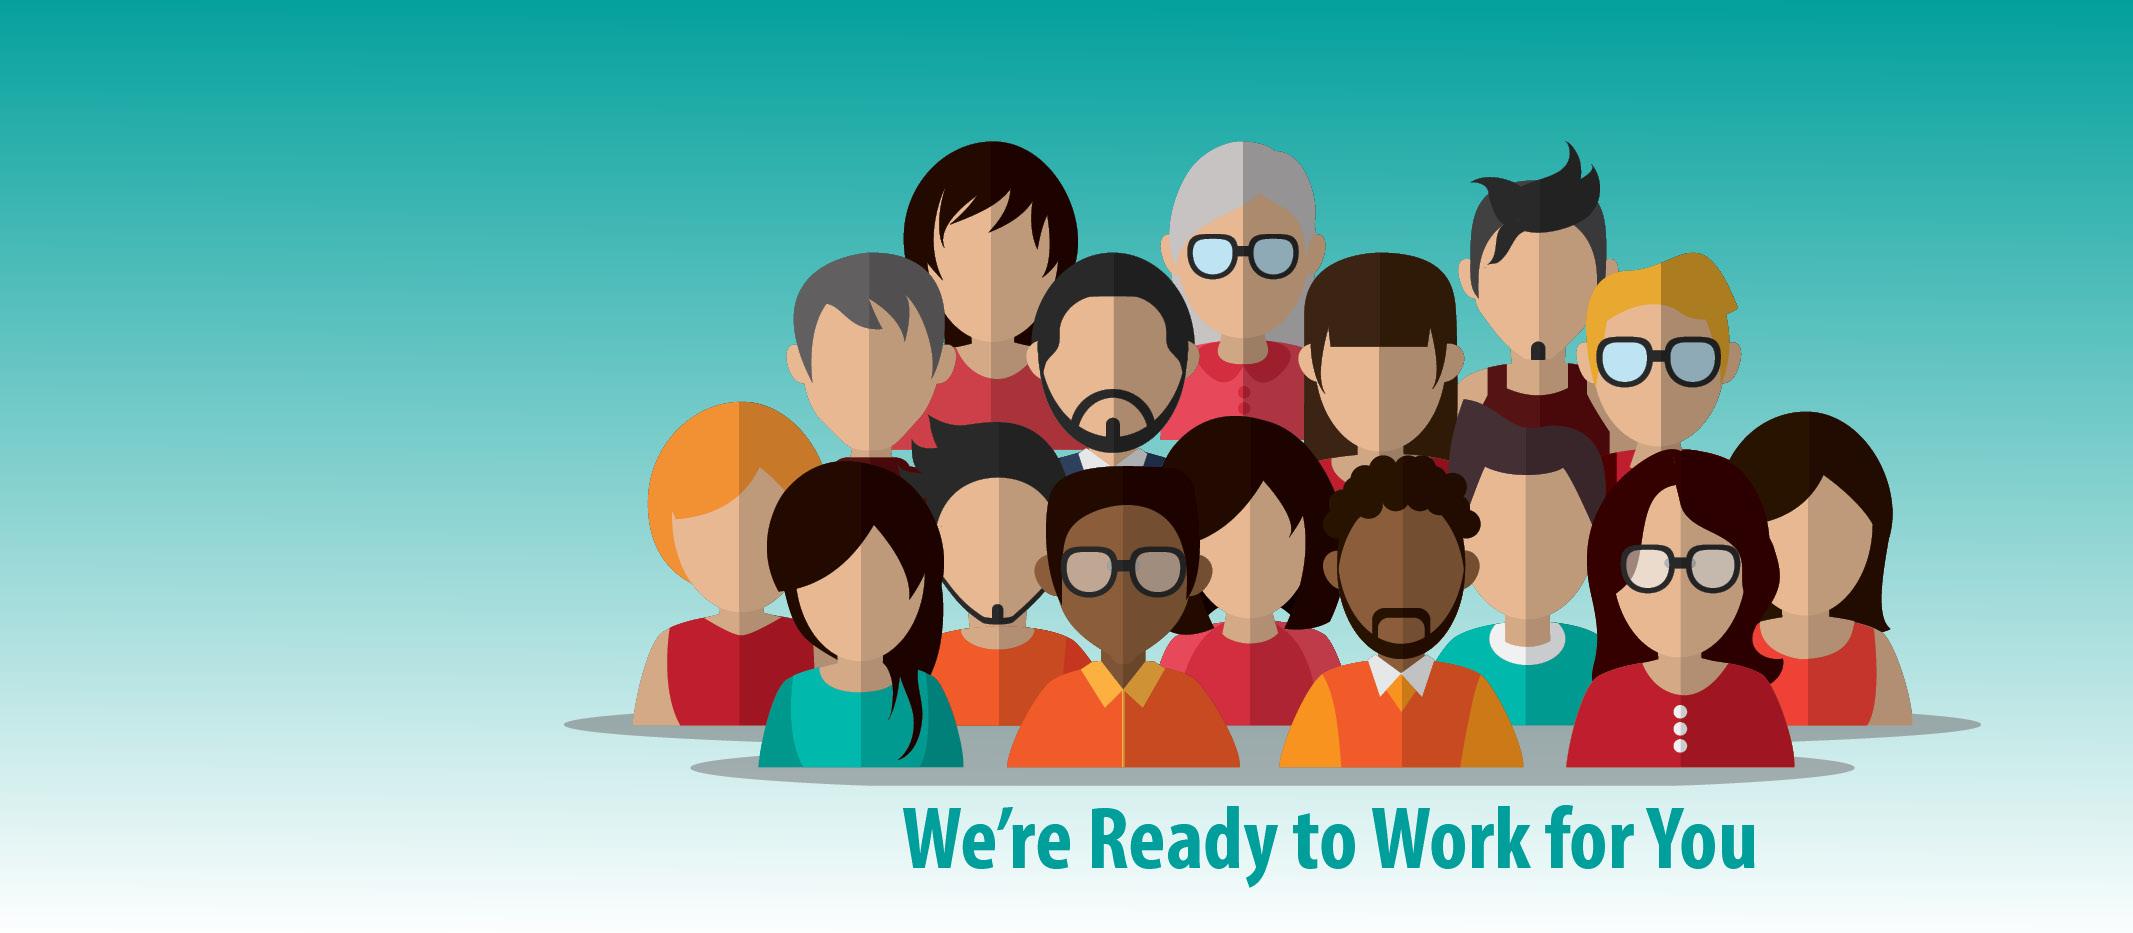 Workforce Summit 2018 Presentations